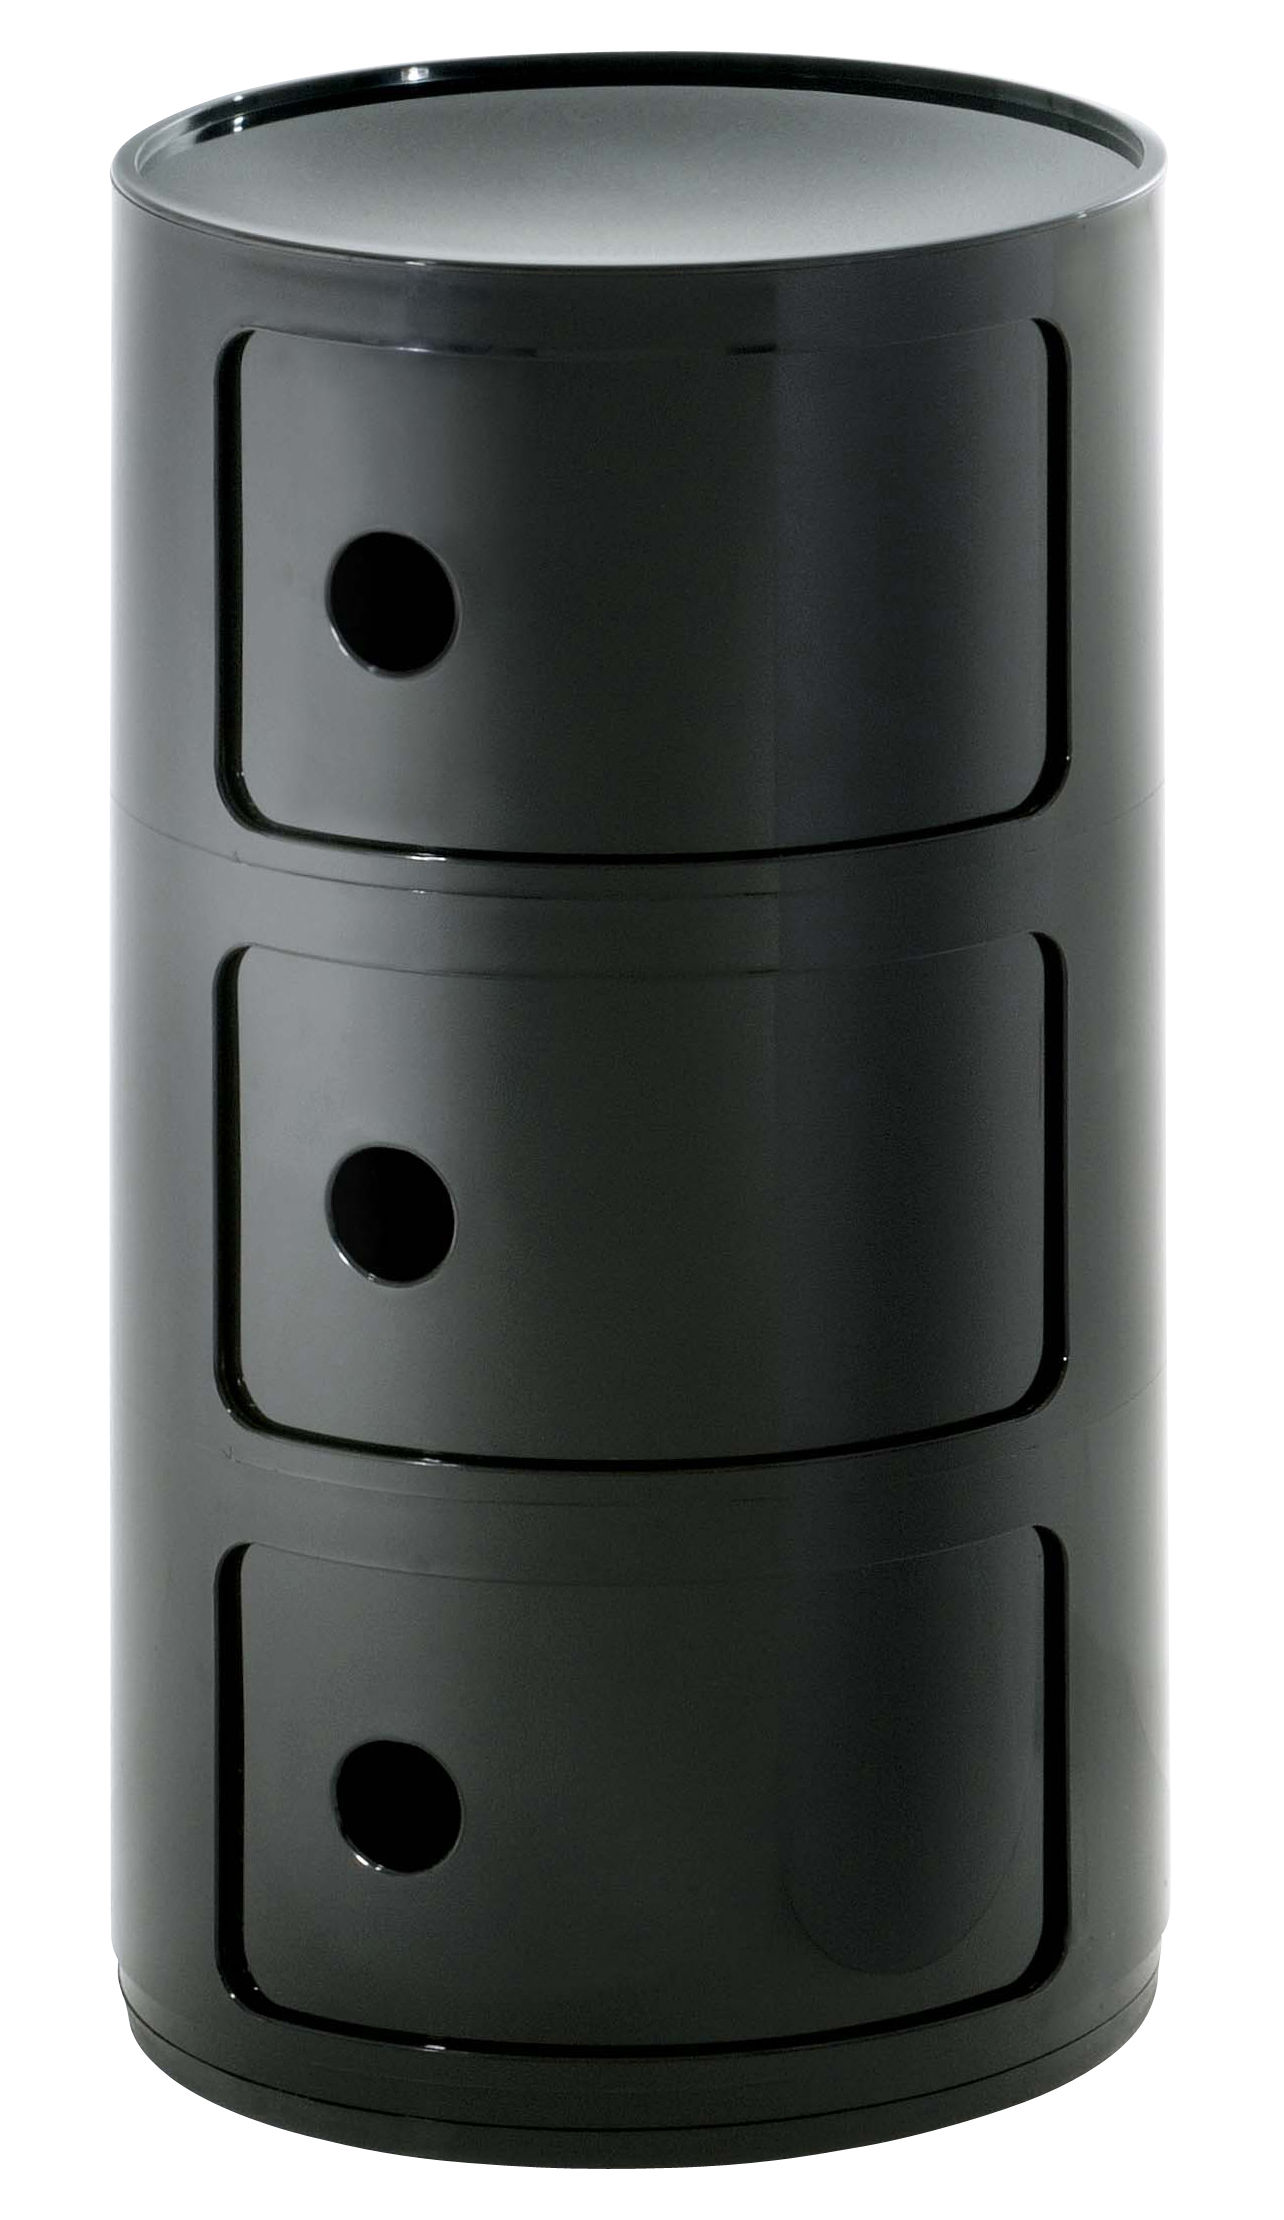 Möbel - Möbel für Teens - Componibili Ablage - Kartell - Schwarz - ABS